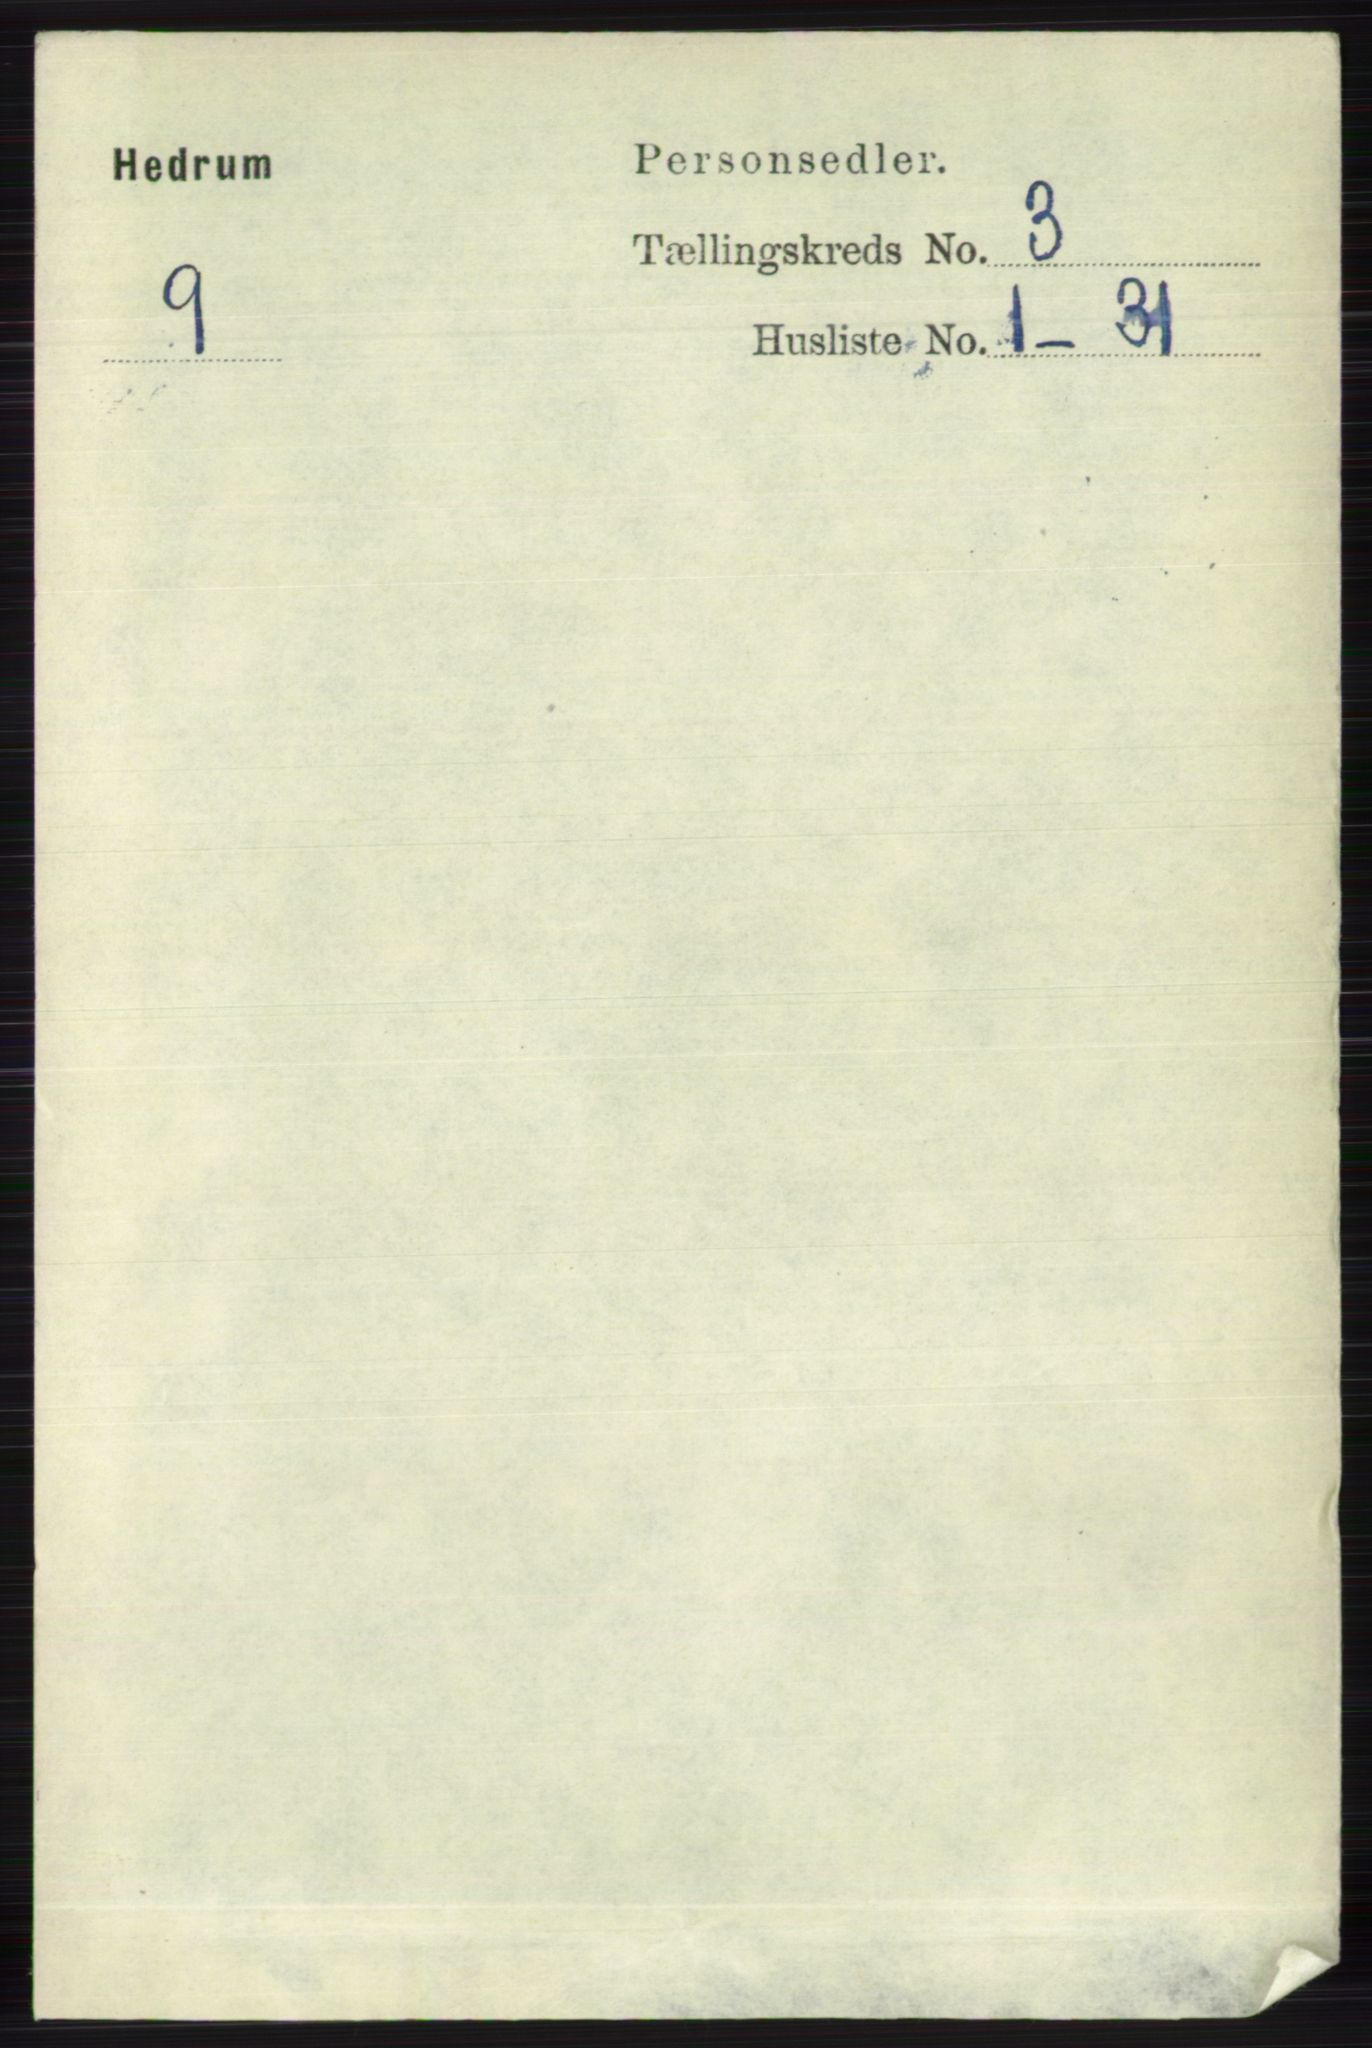 RA, Folketelling 1891 for 0727 Hedrum herred, 1891, s. 980